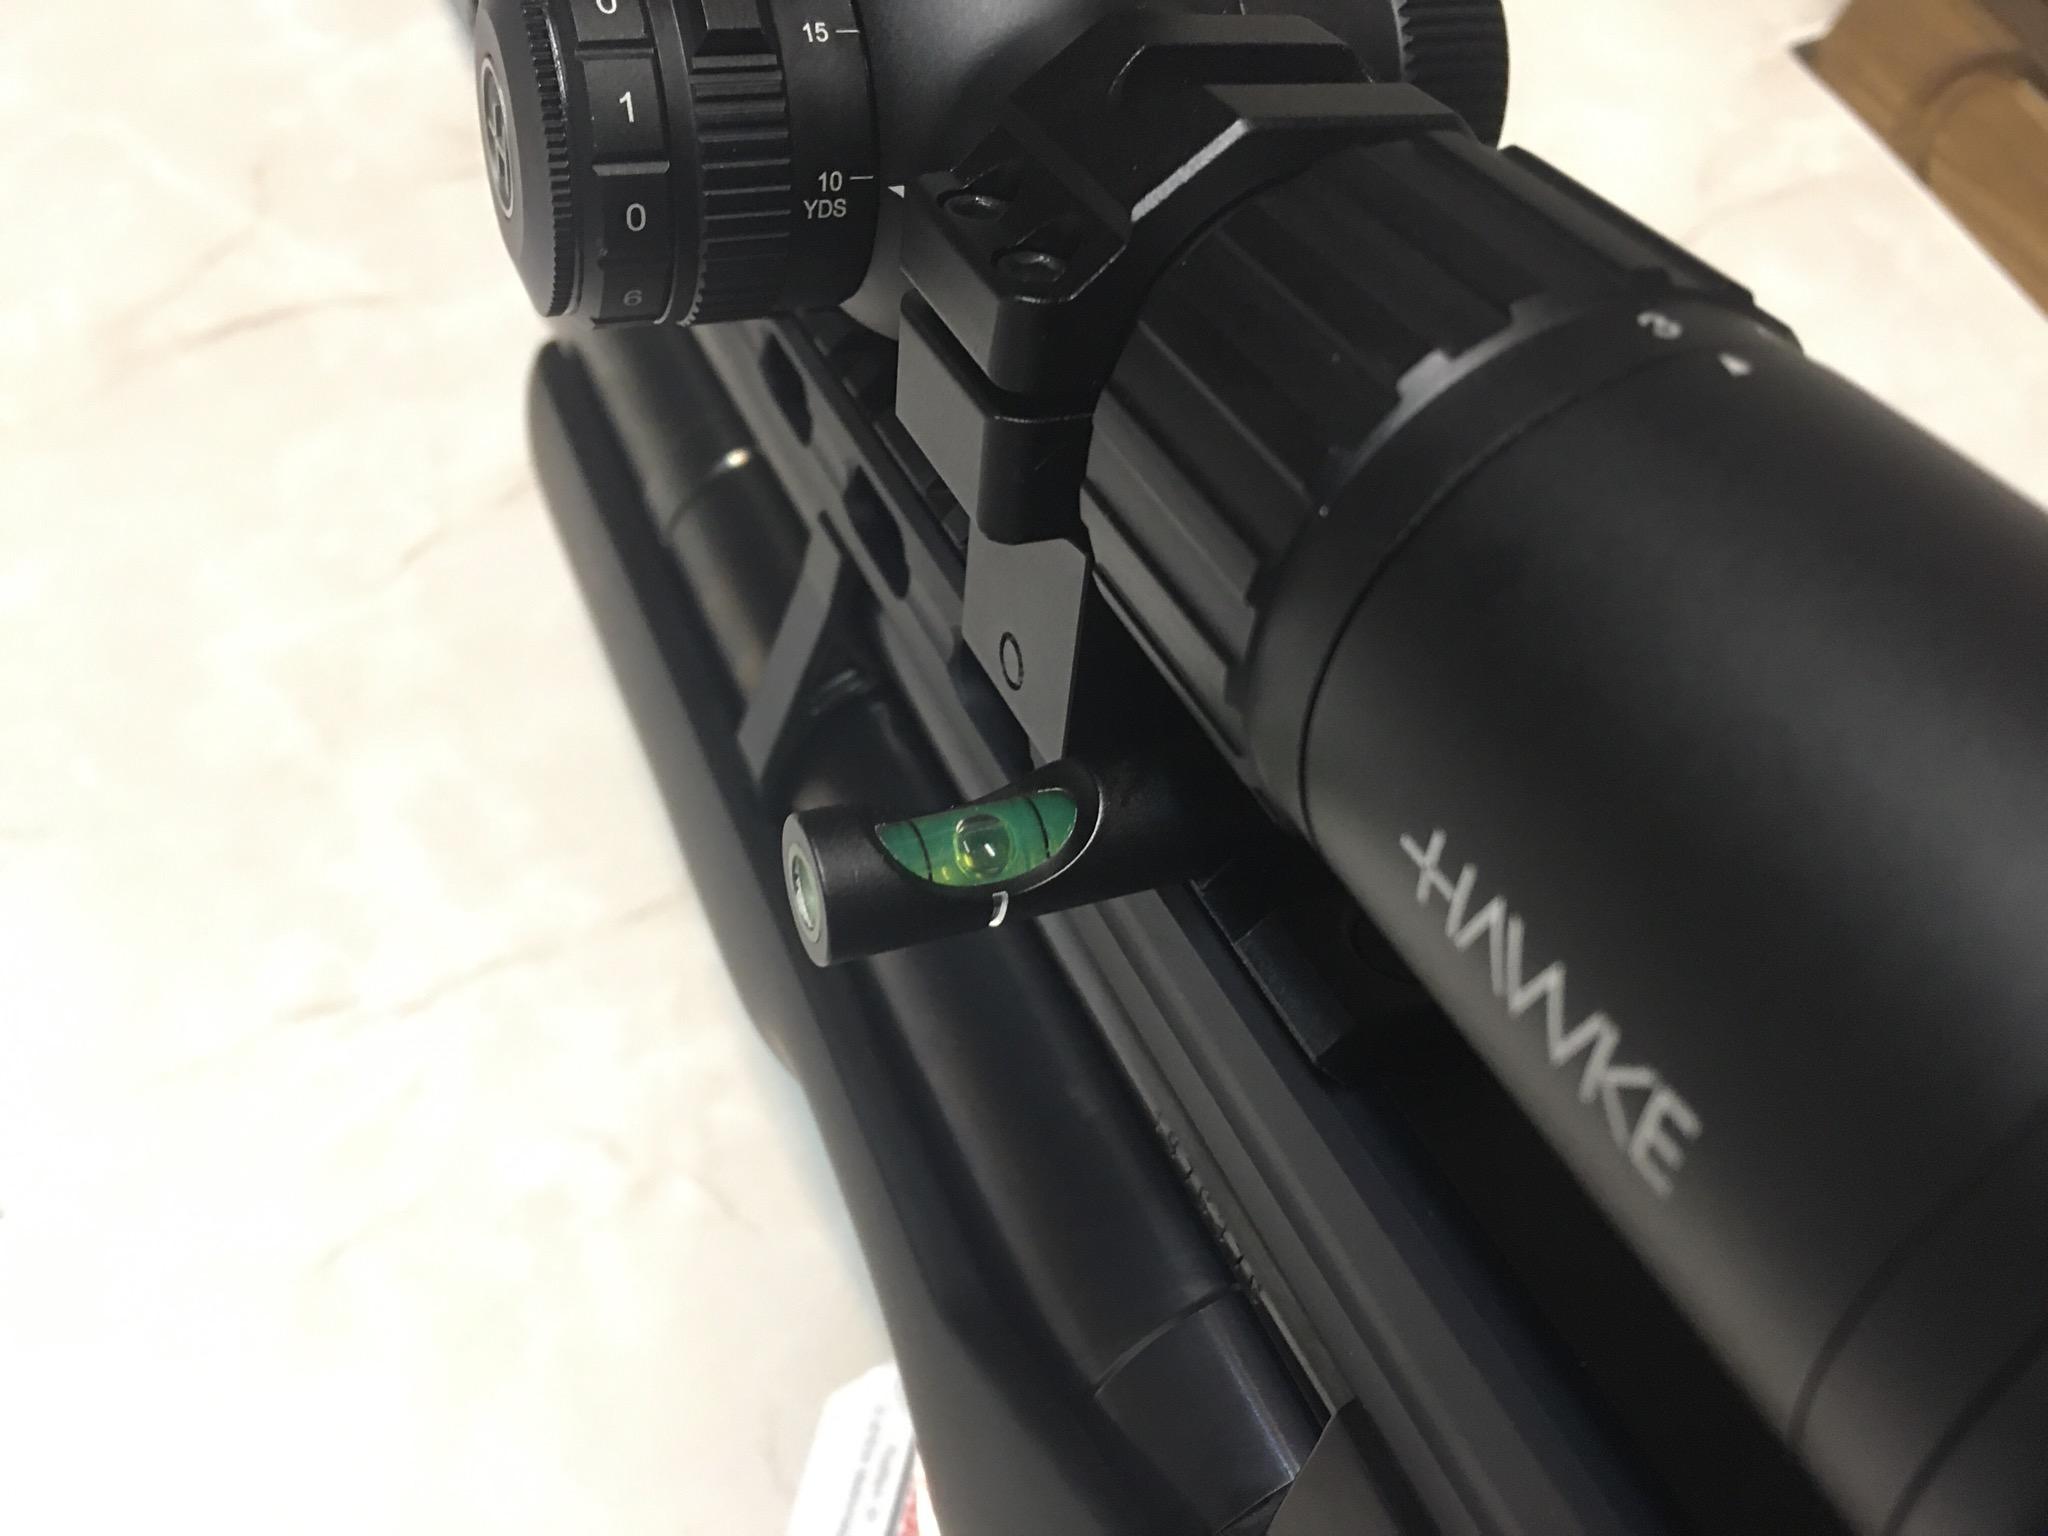 Montagebeispiel mit <a href=1130581.htm> Wasserwaage</a> gegen das Verkanten der Waffe im Anschlag